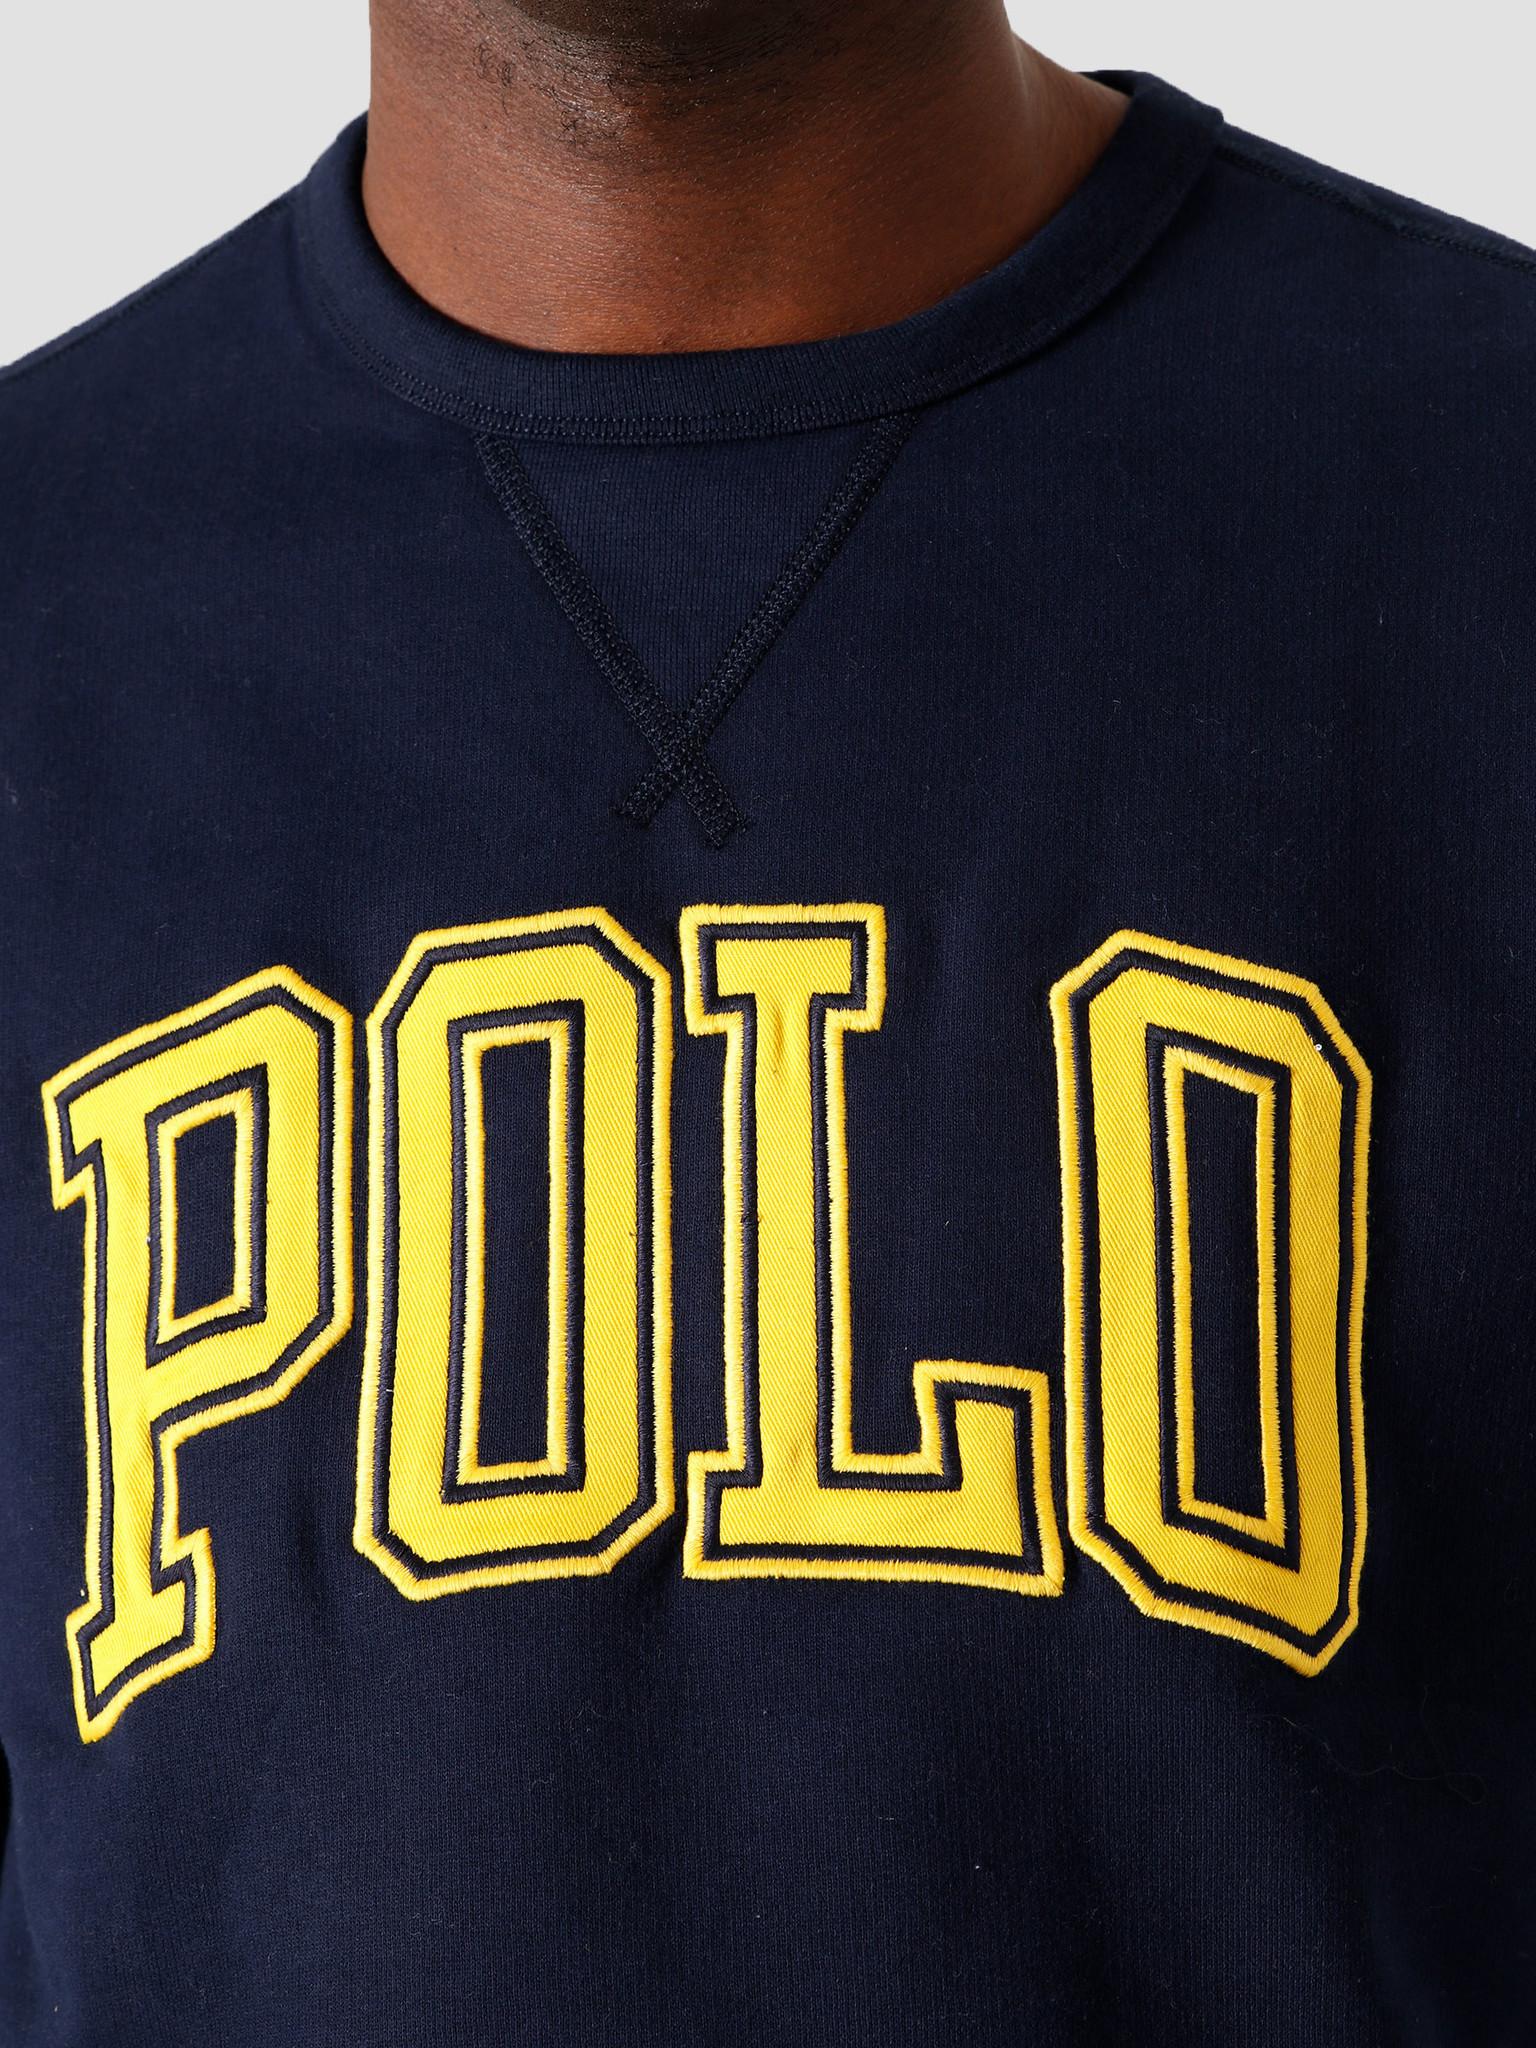 Polo Ralph Lauren Polo Ralph Lauren Longsleeve Cruise Navy 710823896002